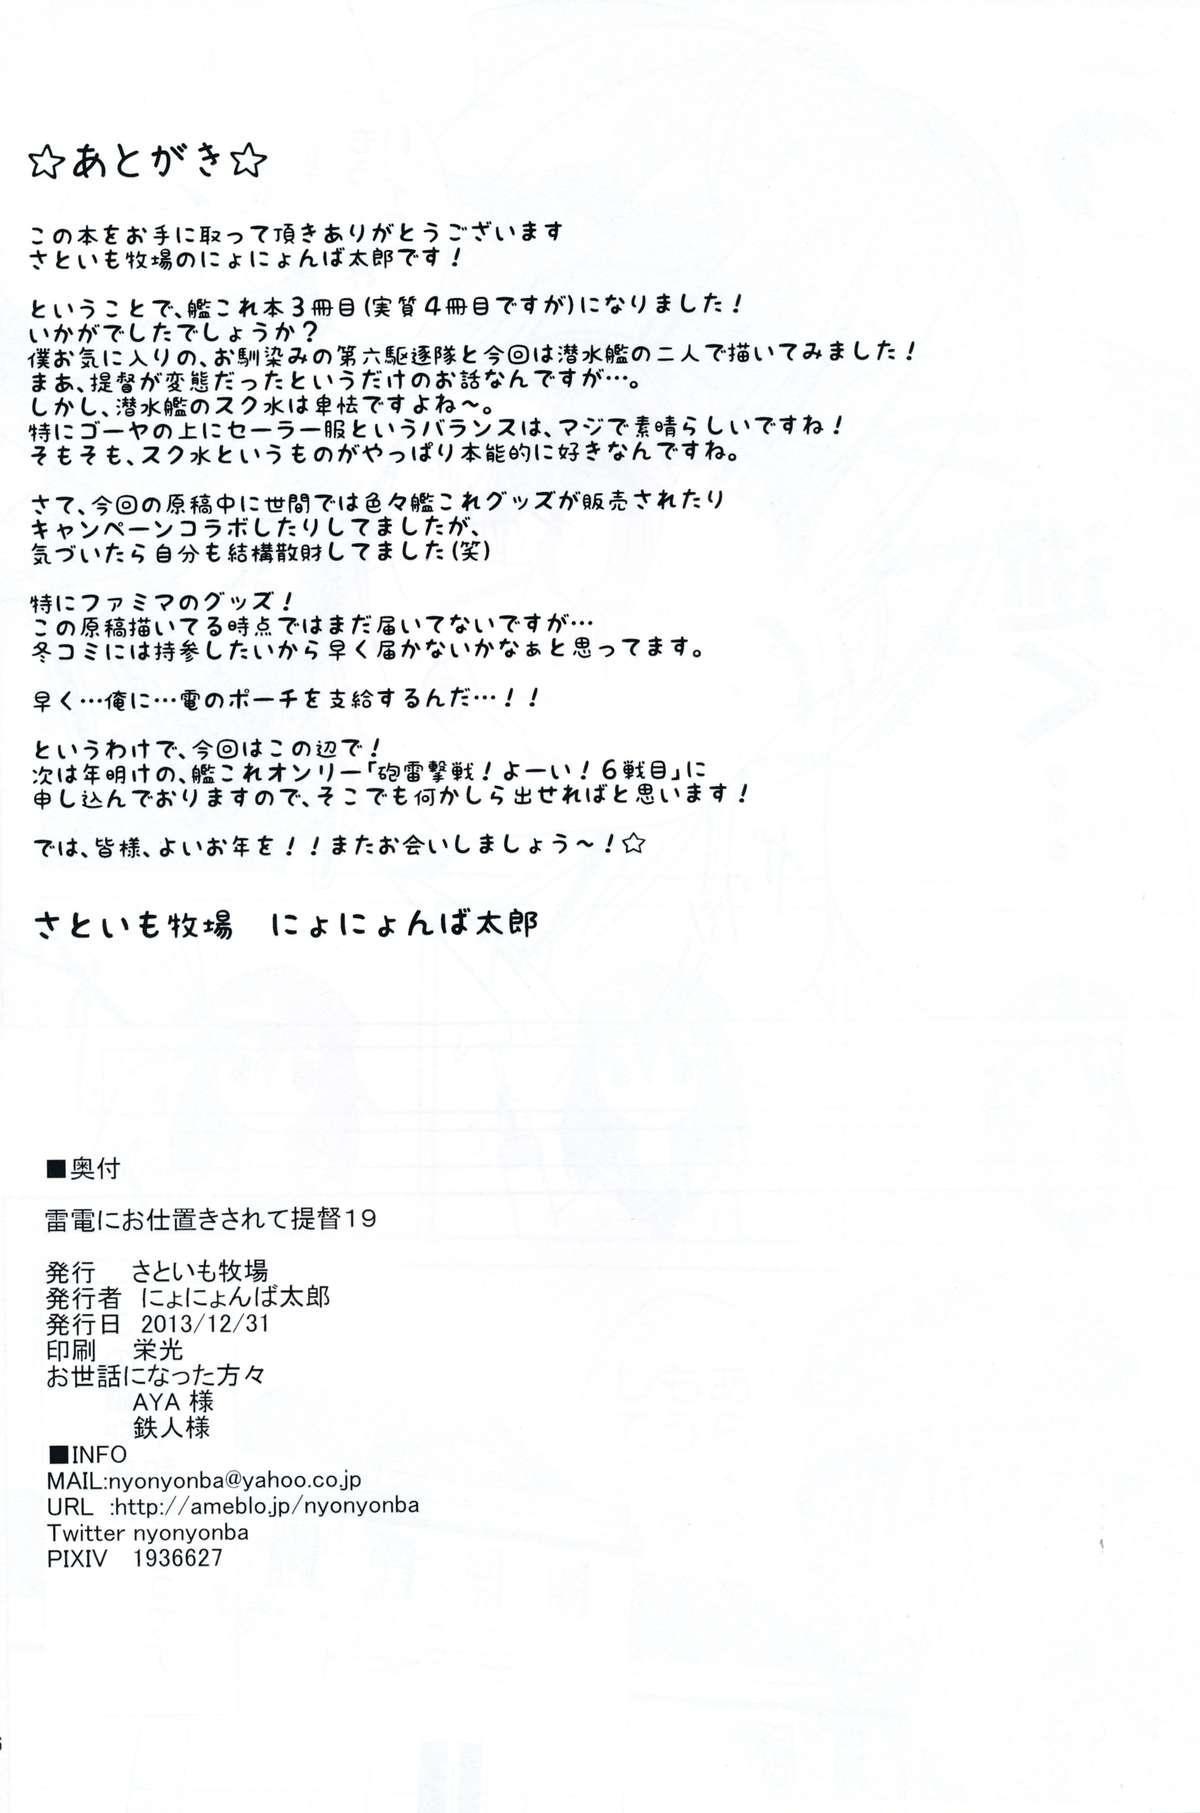 (C85) [Satoimo Bokujou (Nyonyonba Tarou) Raiden-tachi ni Oshioki Sarete Teitoku 19 (Kantai Collection -KanColle-) [Chinese] [无毒汉化组] 24